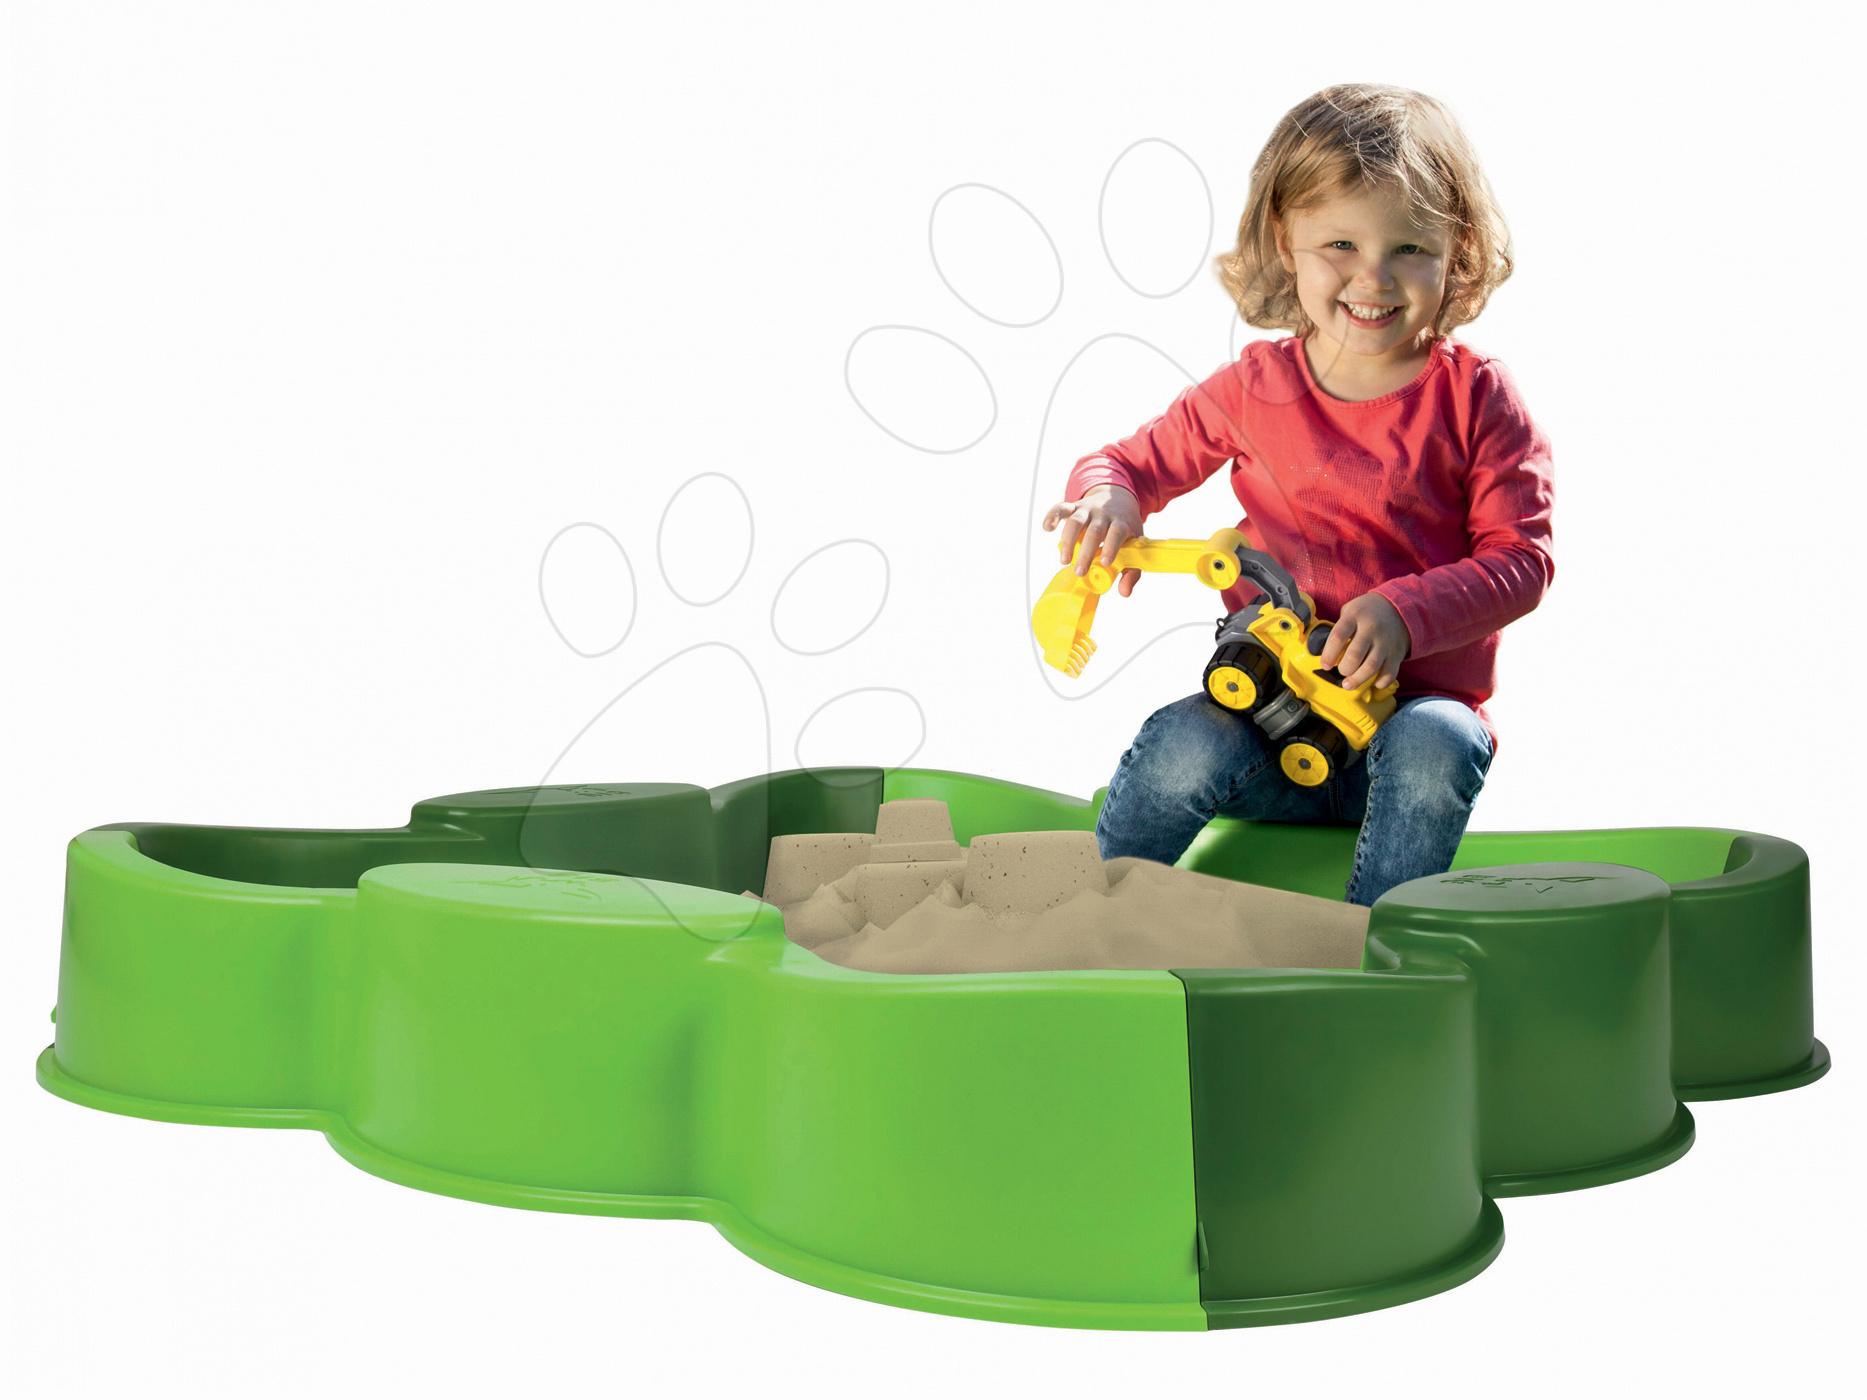 BIG pískoviště pro děti Vario 56721 zelené